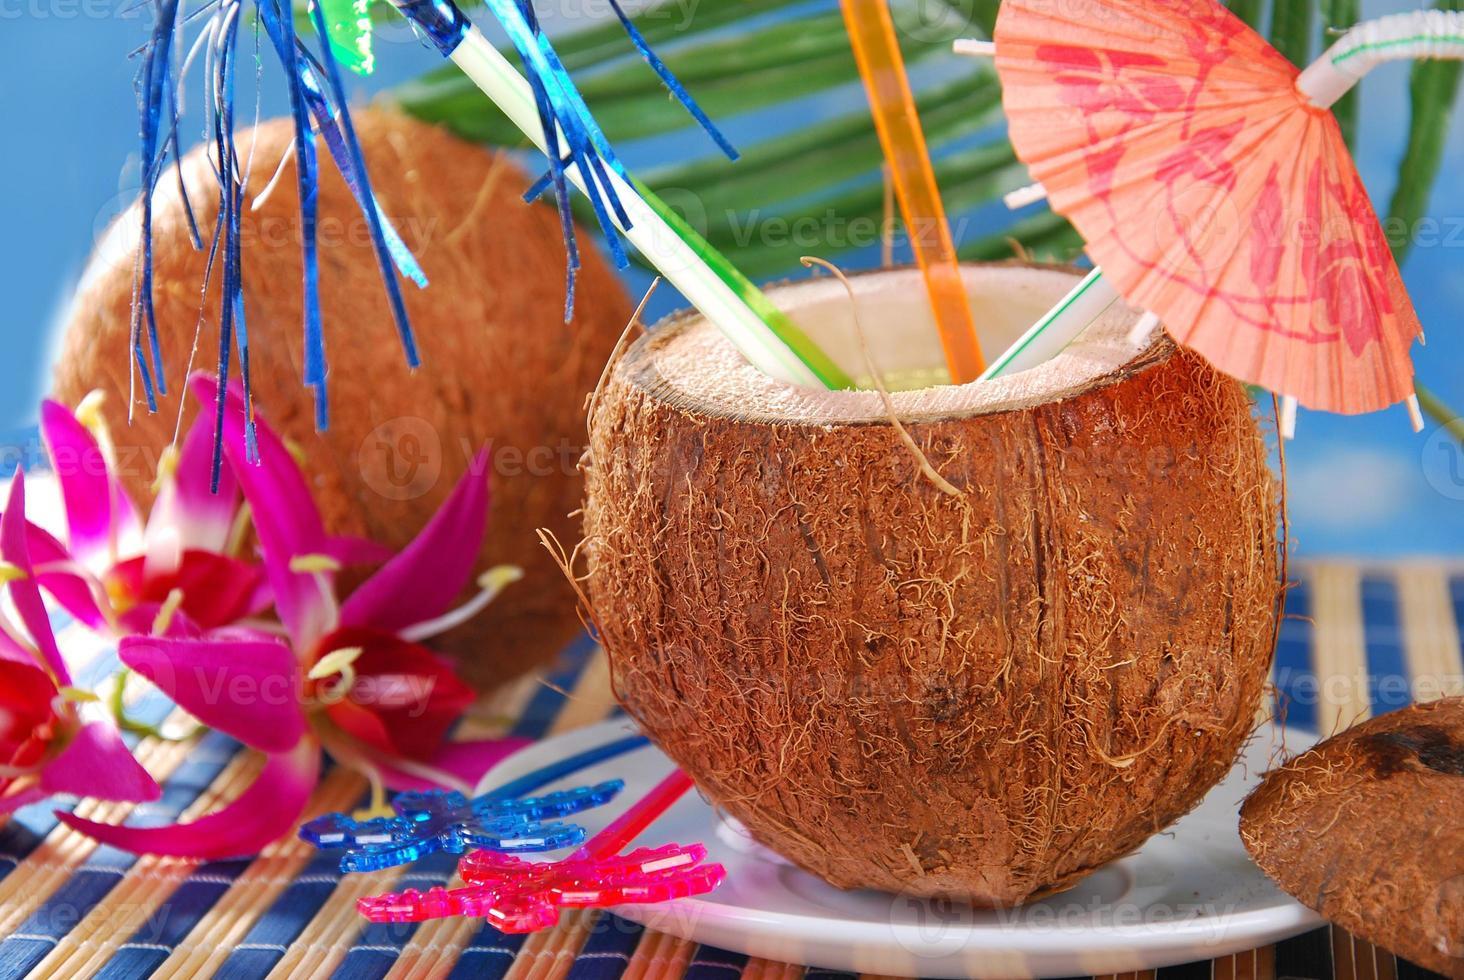 bebida de verano en cáscara de coco foto